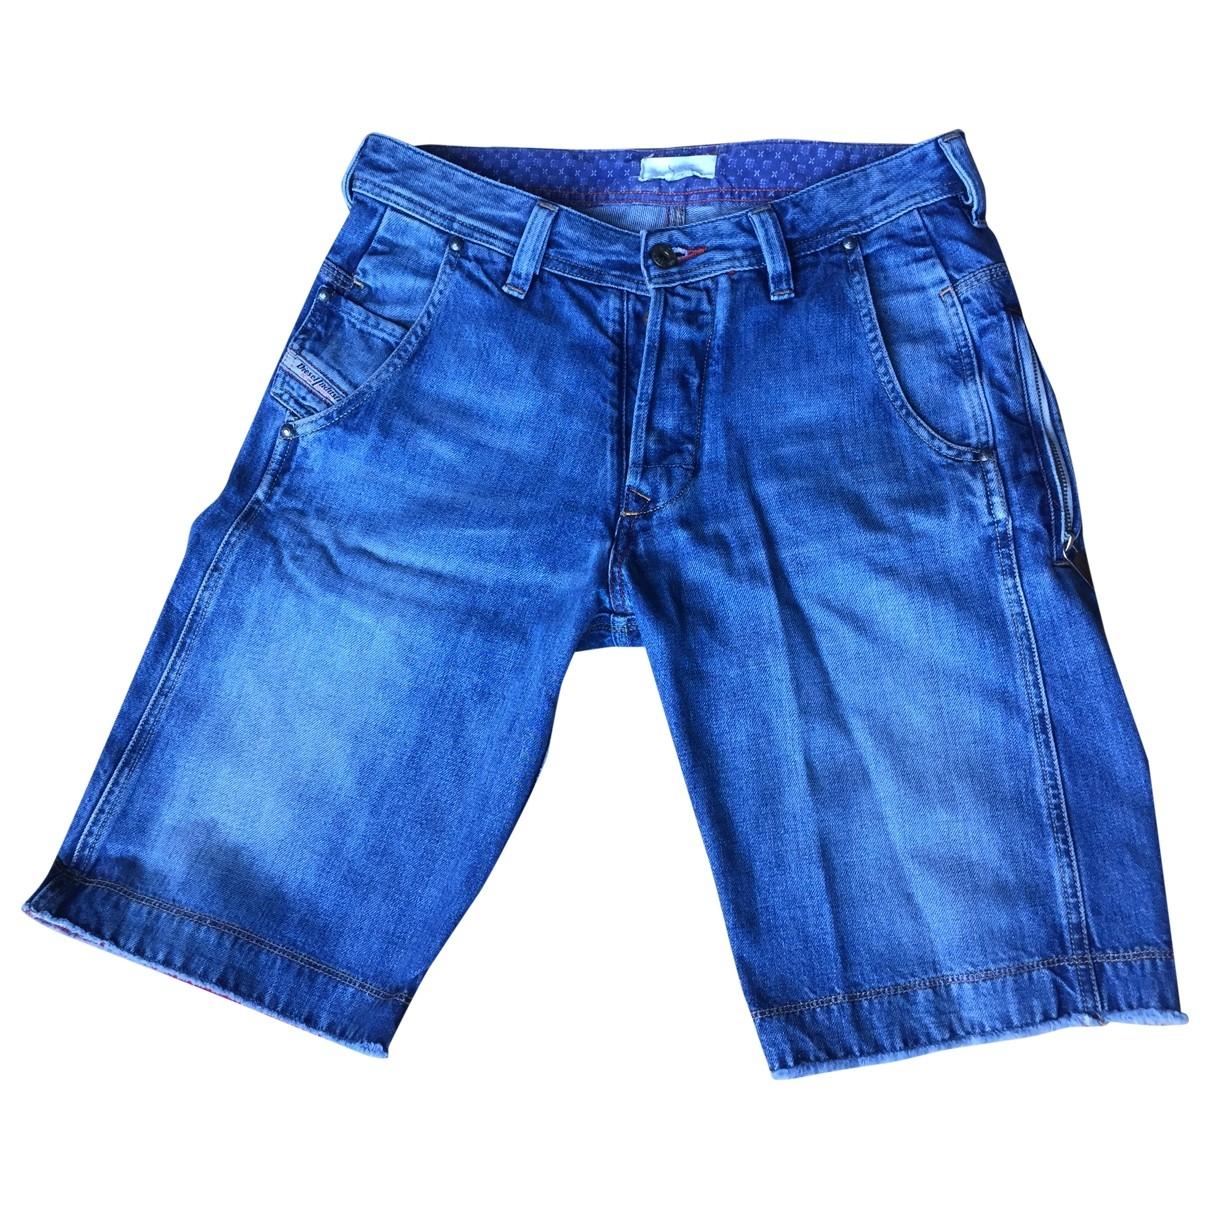 Diesel - Short   pour homme en denim - bleu